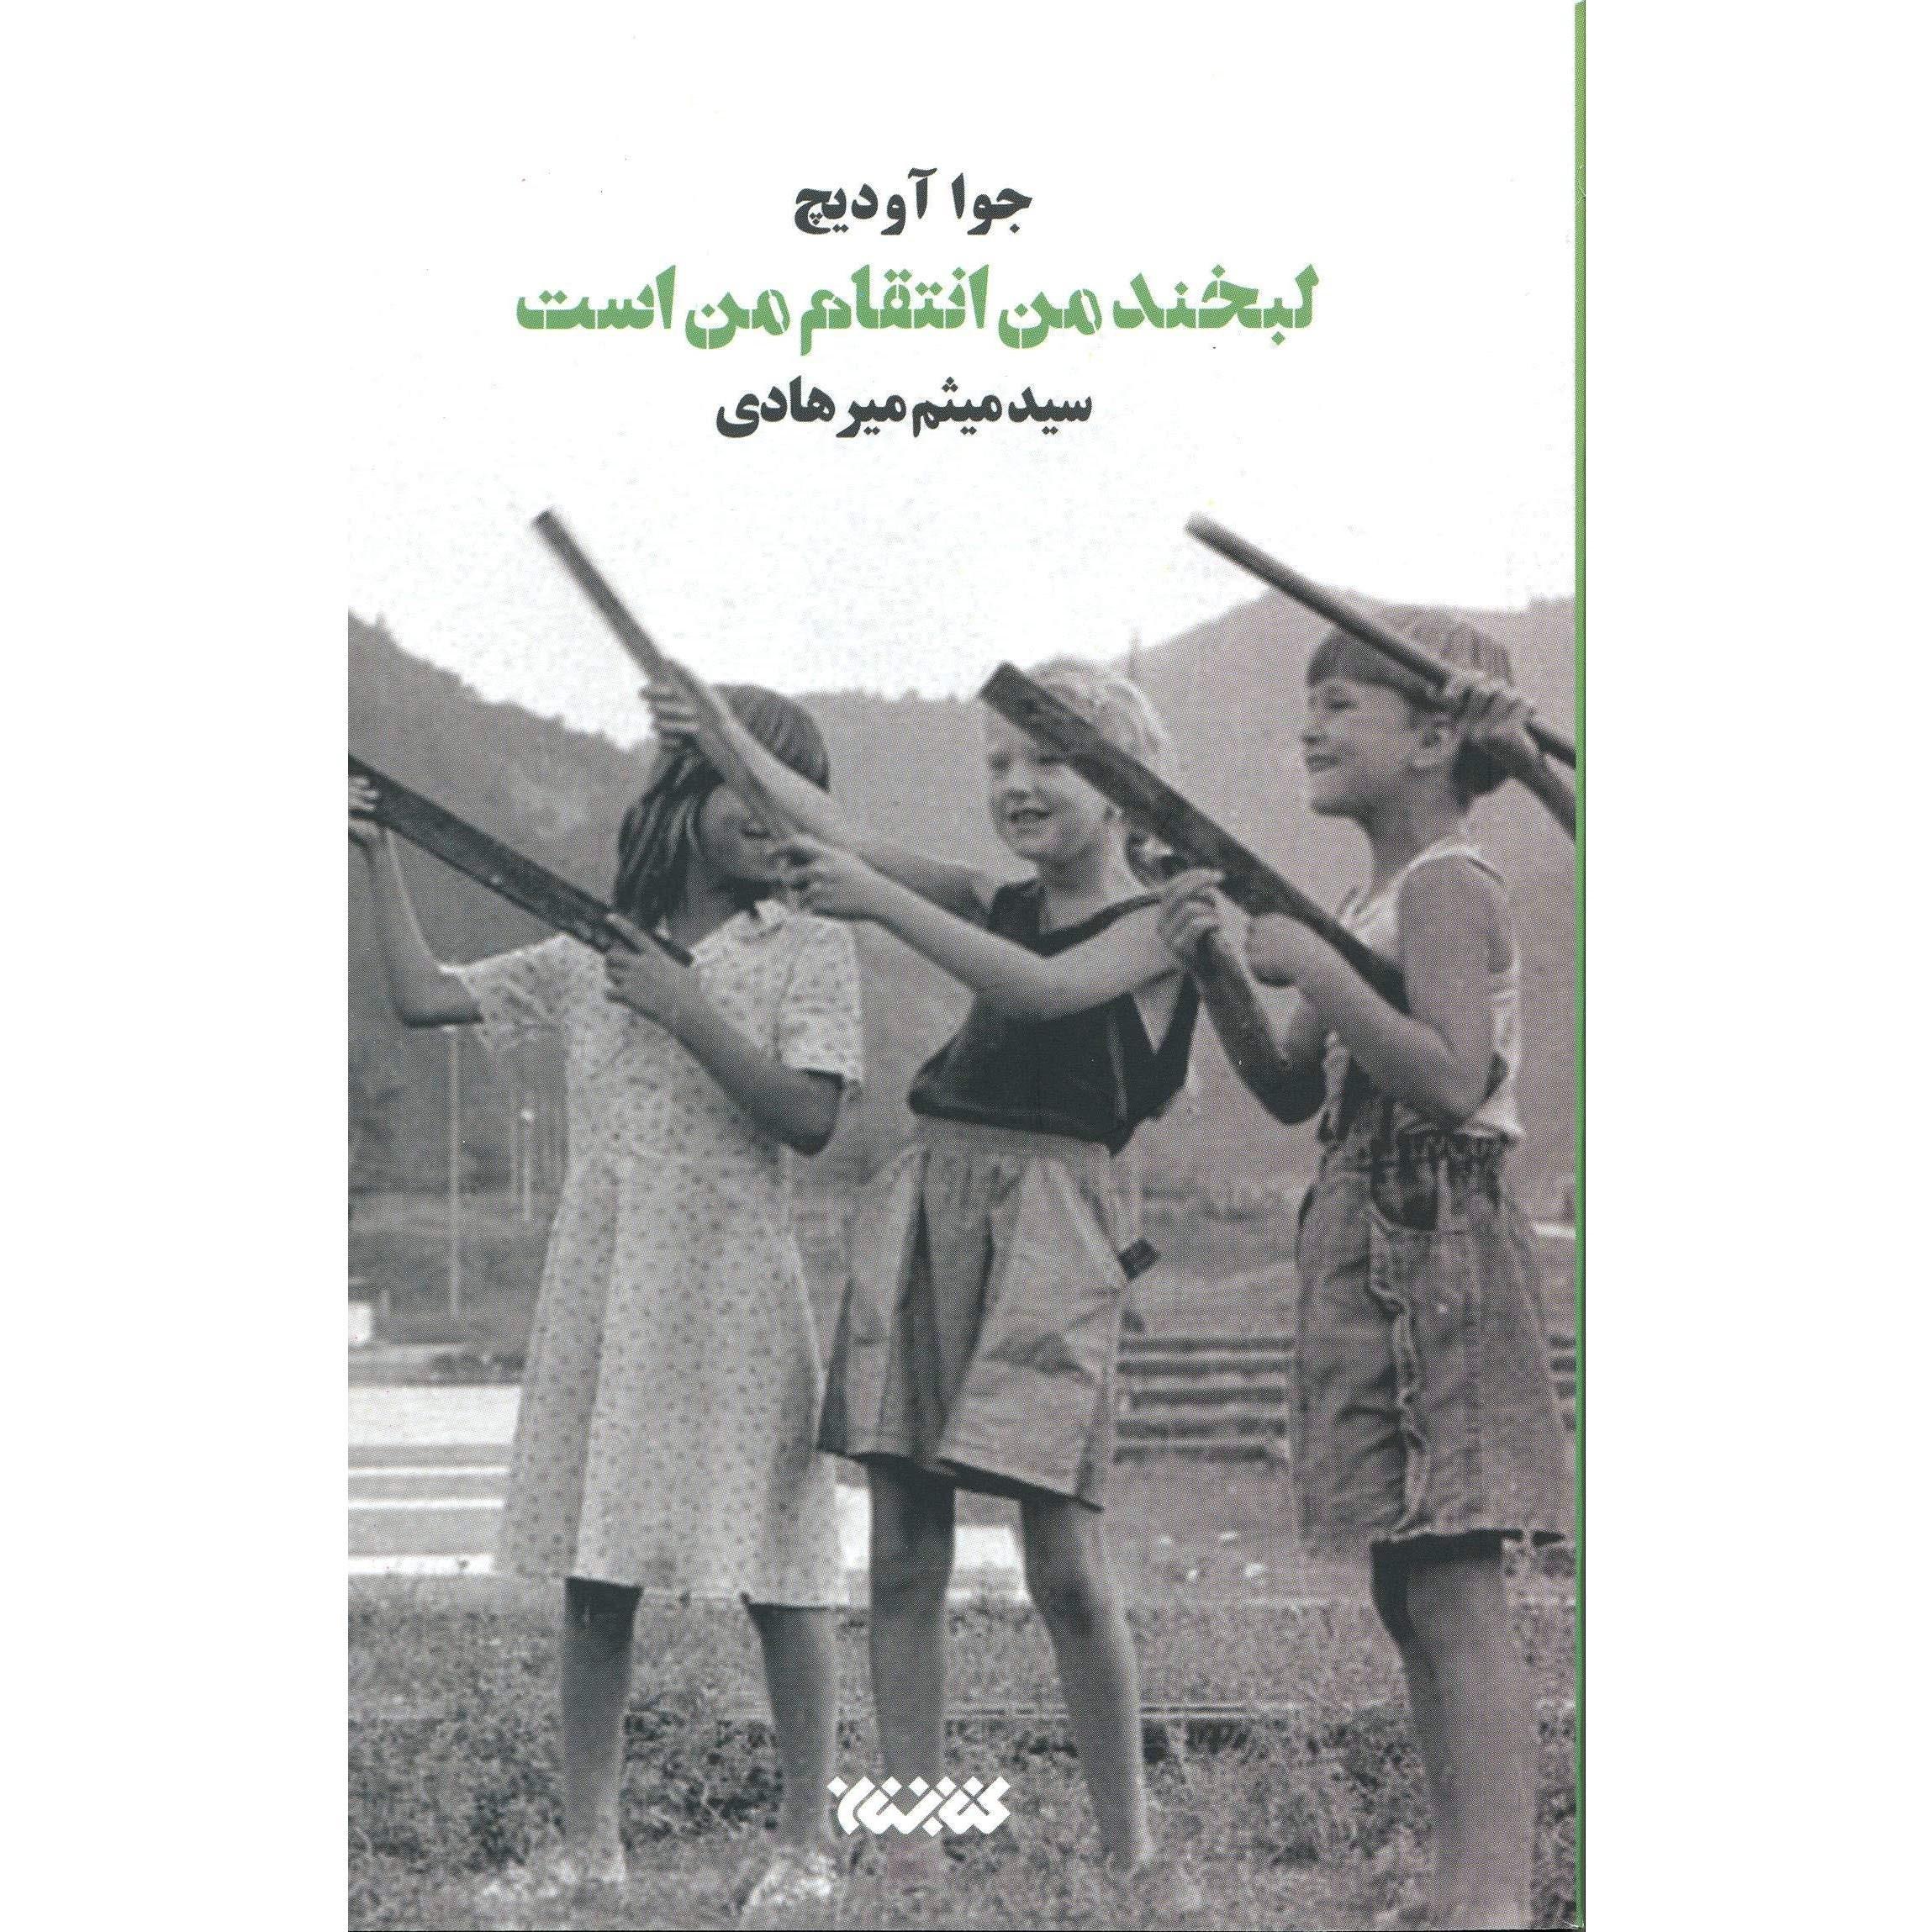 نگاهی به سه عنوان کتاب از ادبیات بوسنی